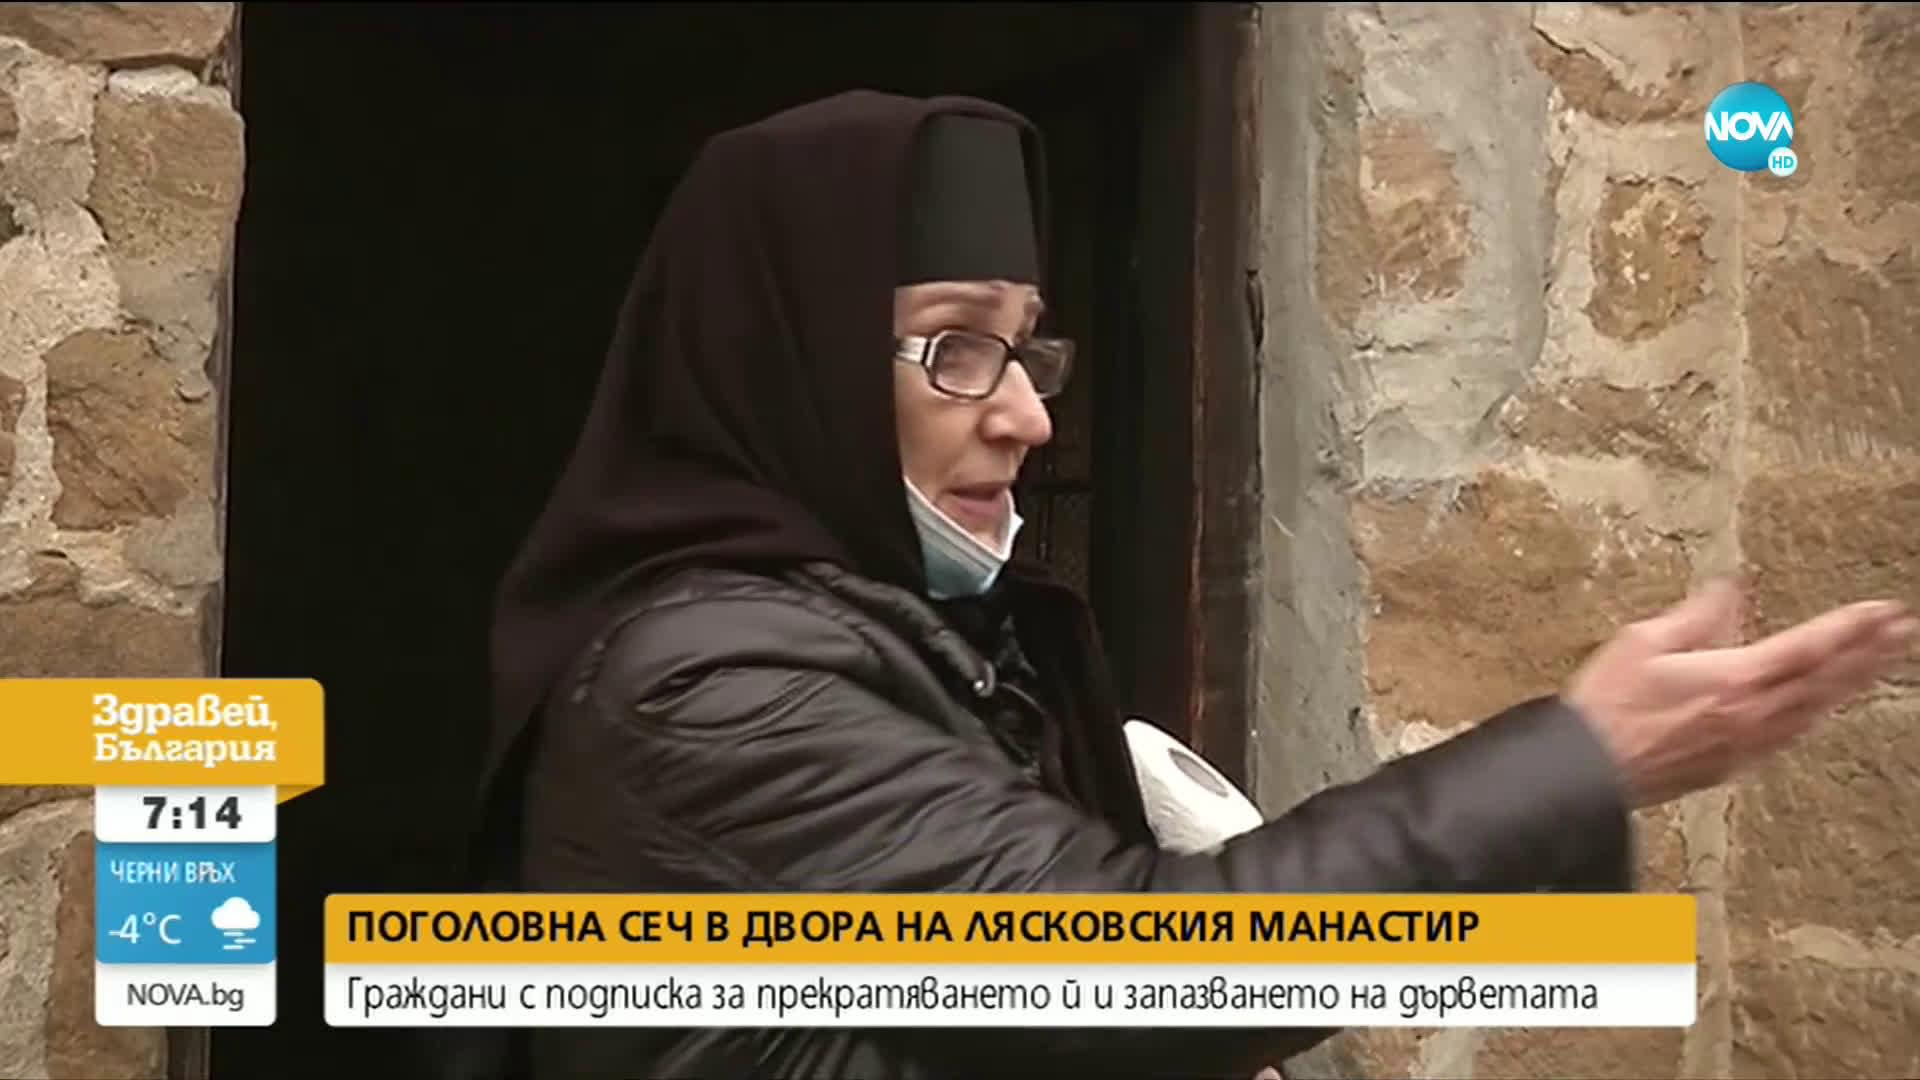 Поголовна сеч в двора на Лясковския манастир